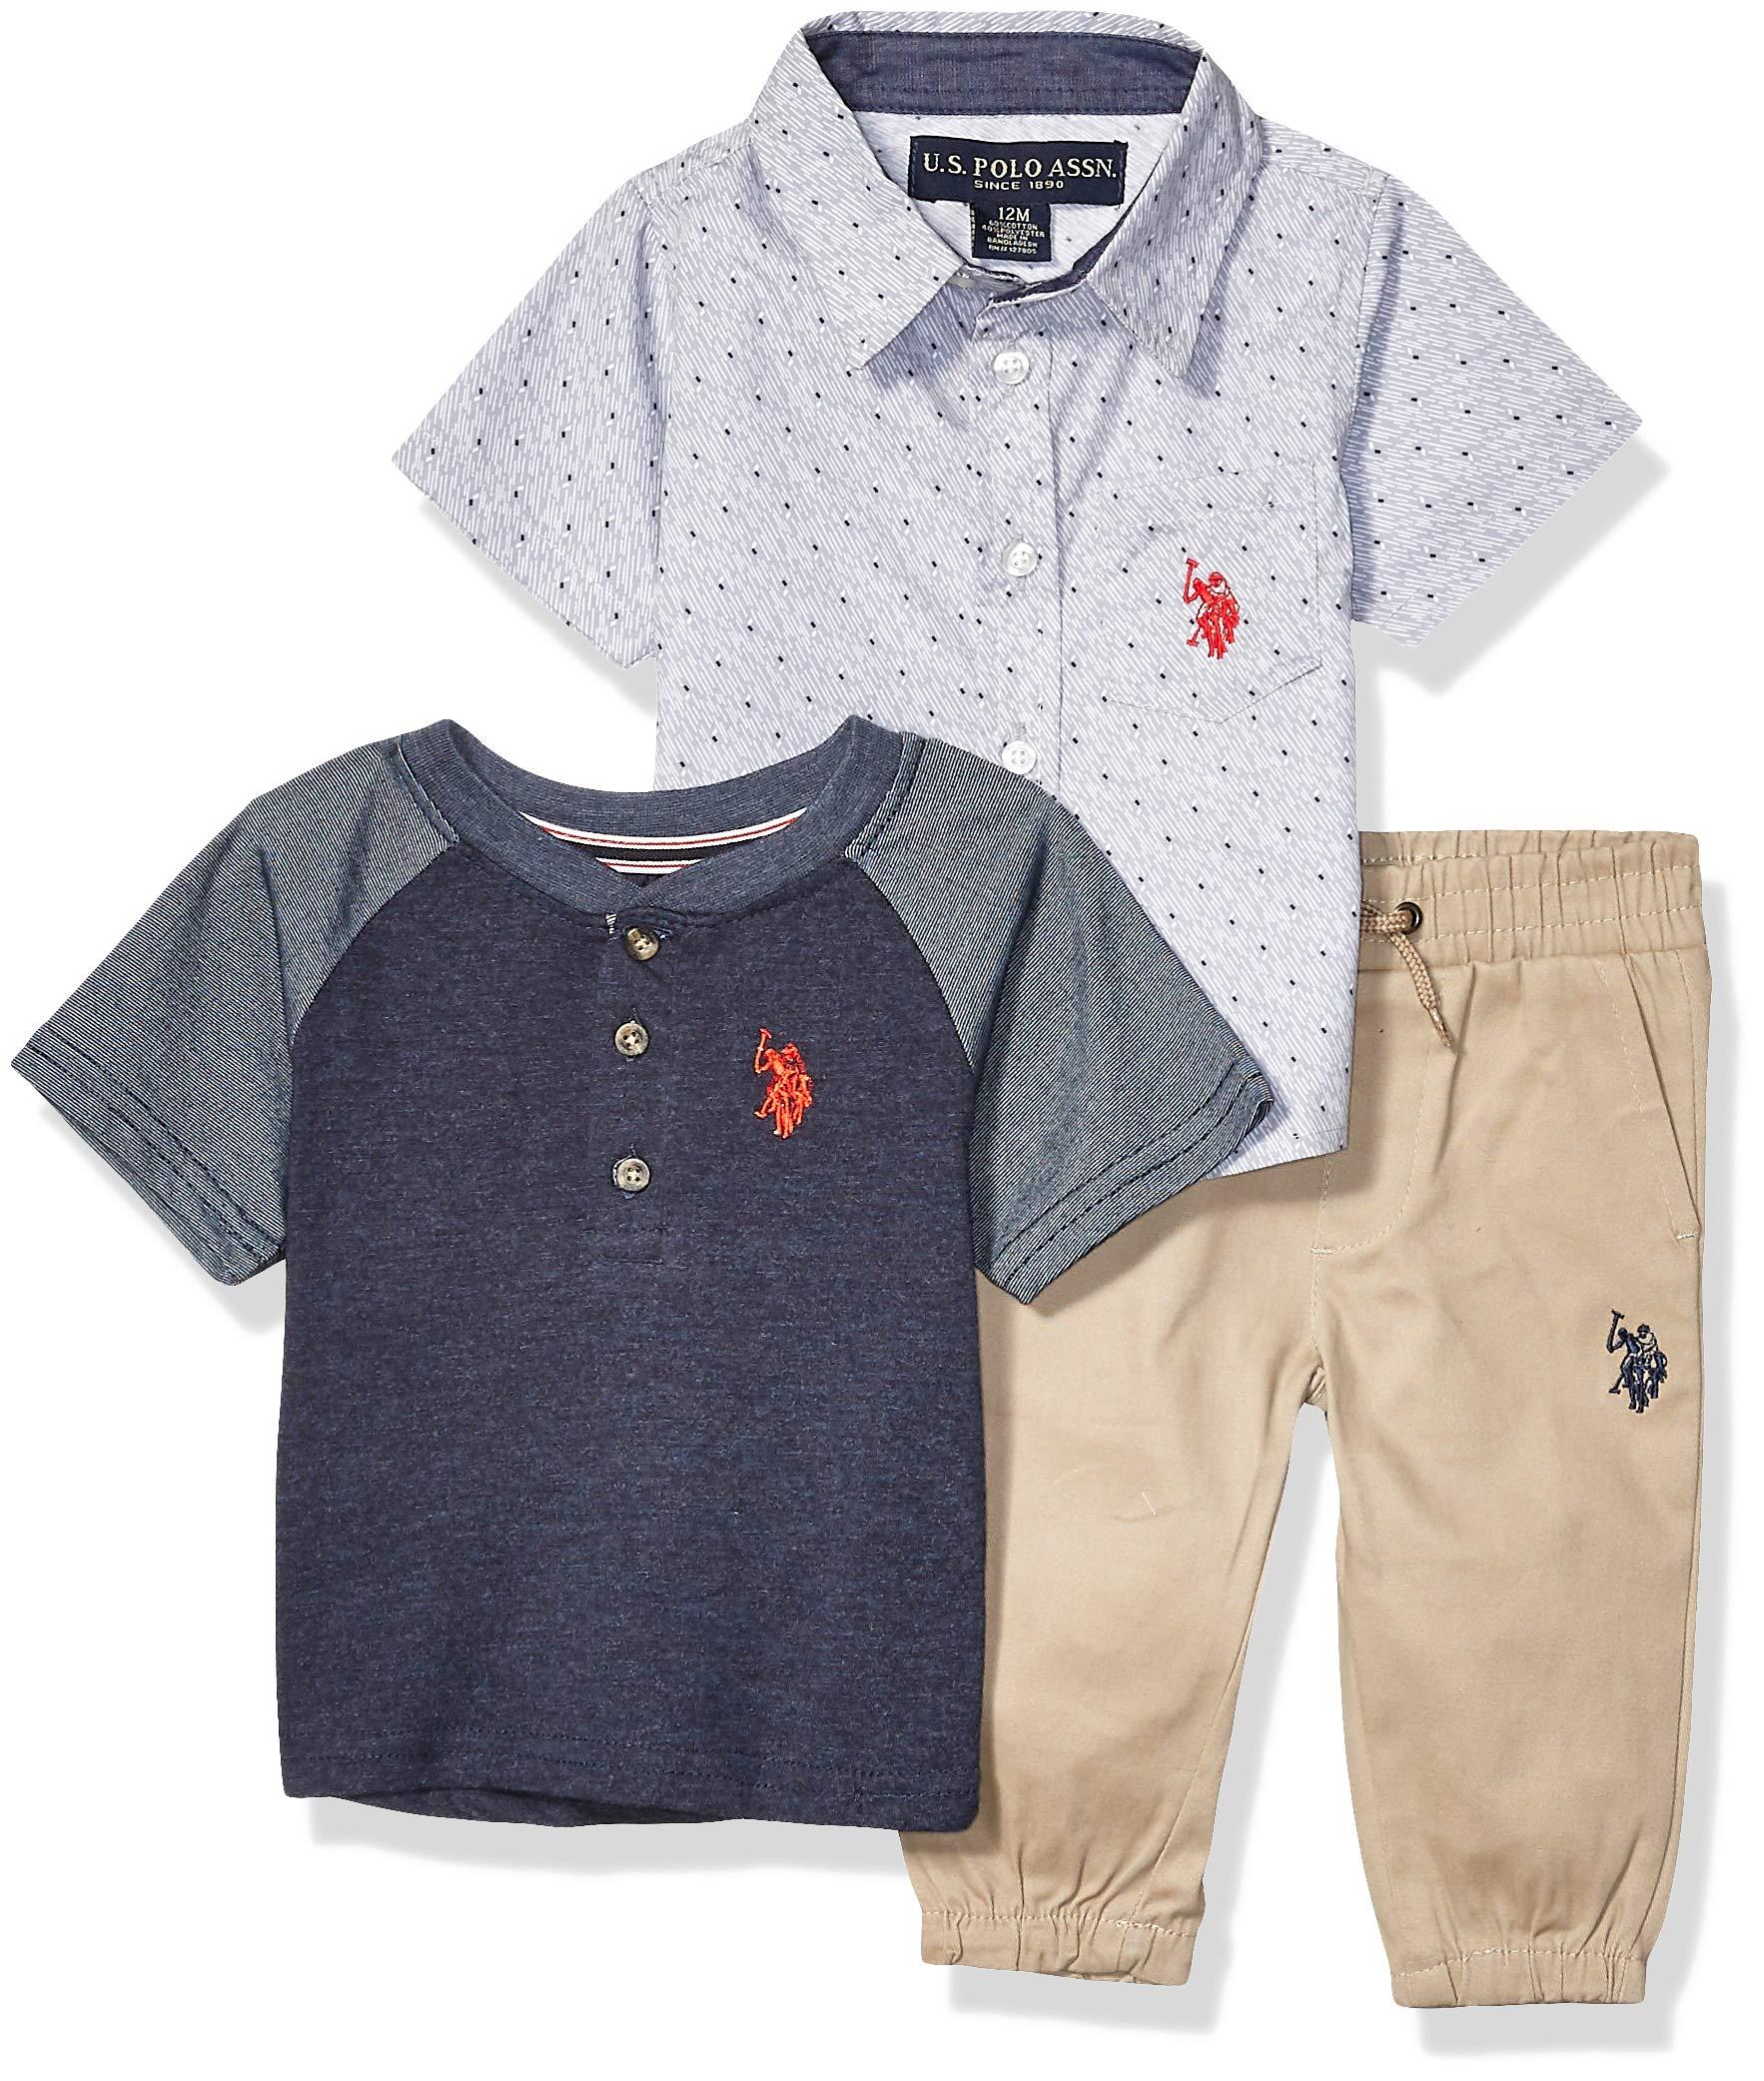 Polo Assn Boys Short Sleeve Woven Henley T-Shirt Set U.S